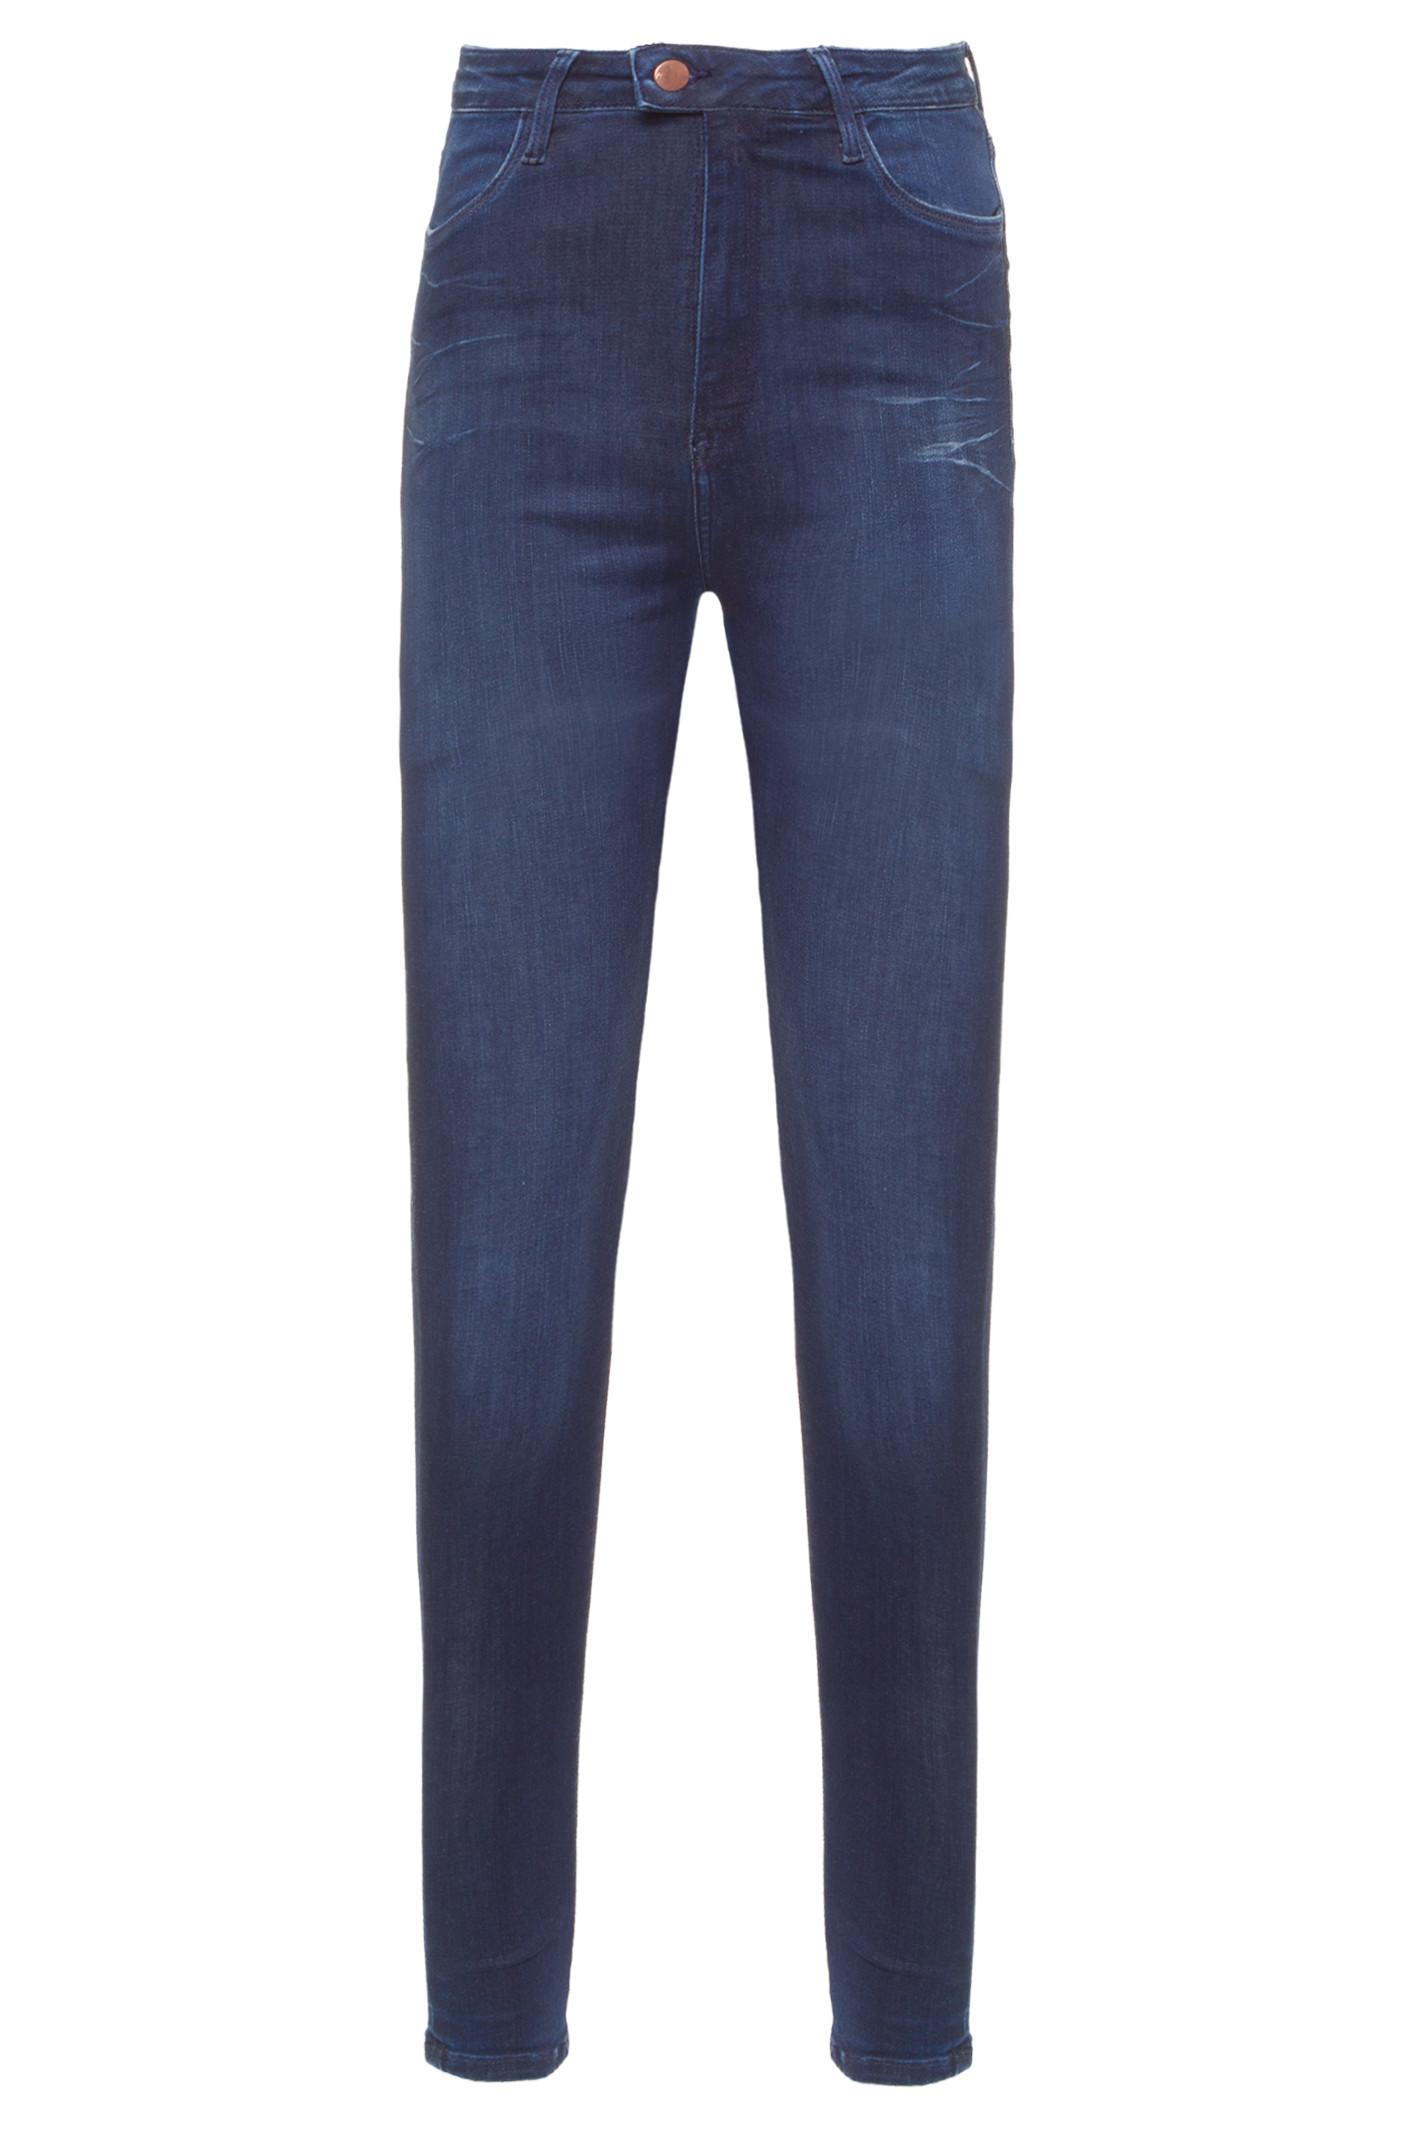 Calça Jeans Super Skinny Hw Touch - Azul